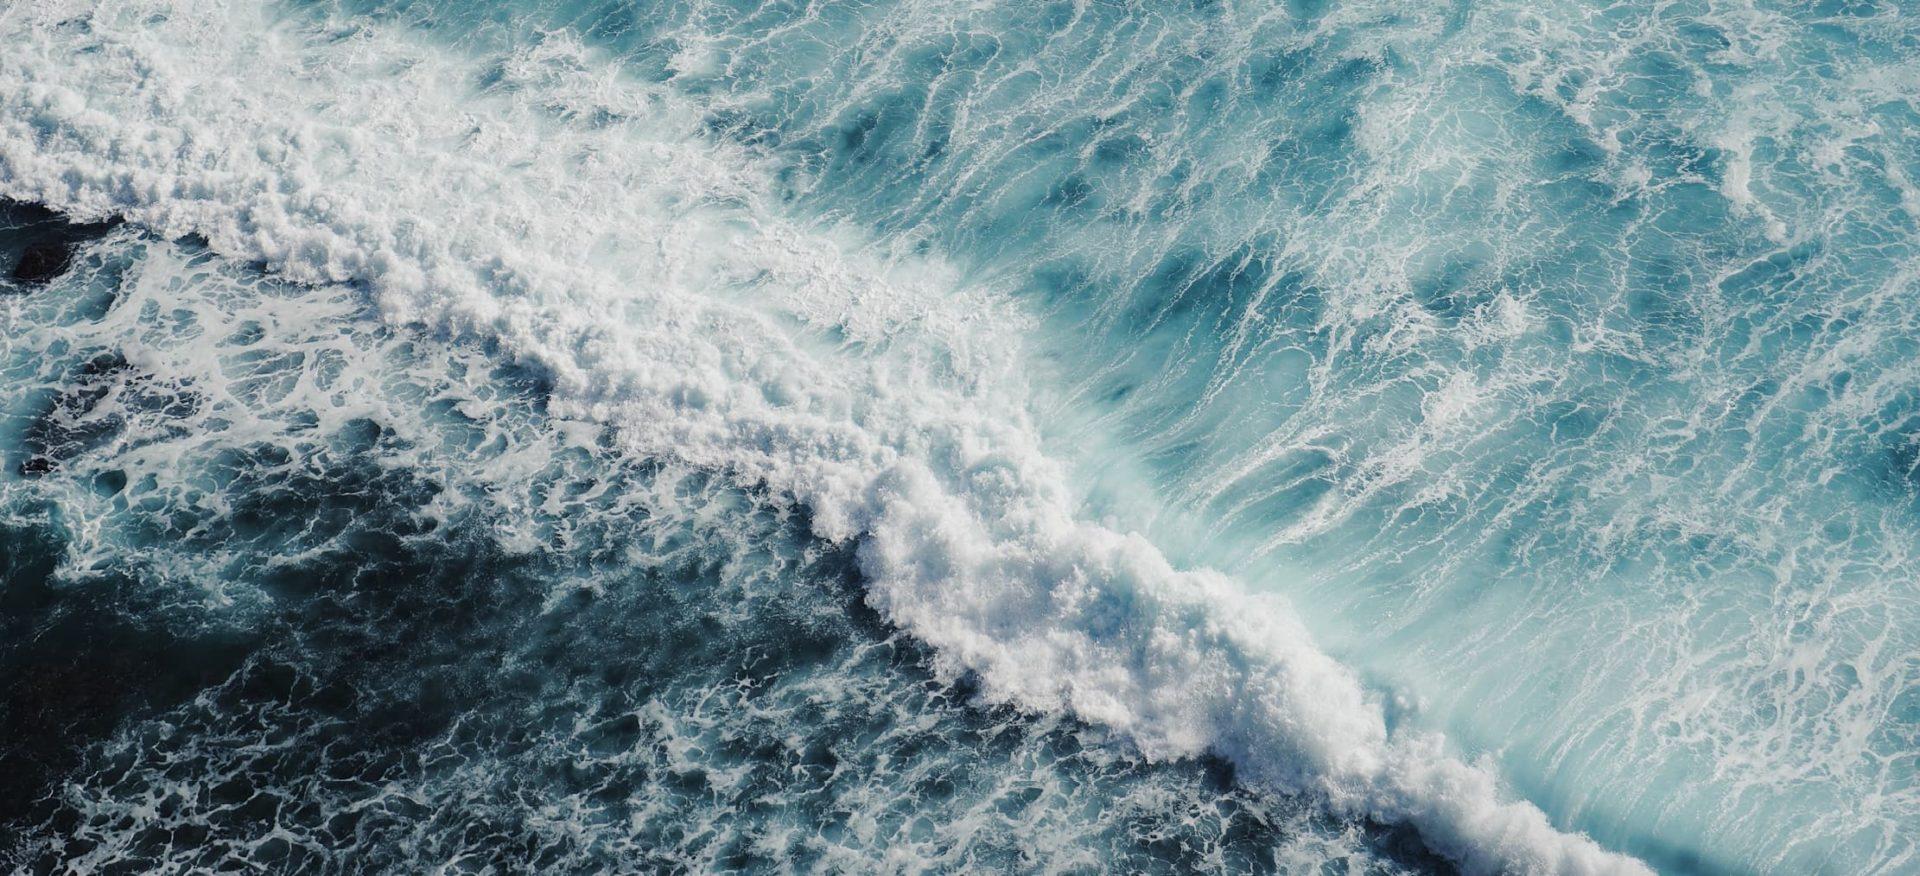 Ein Bild eines Meeres